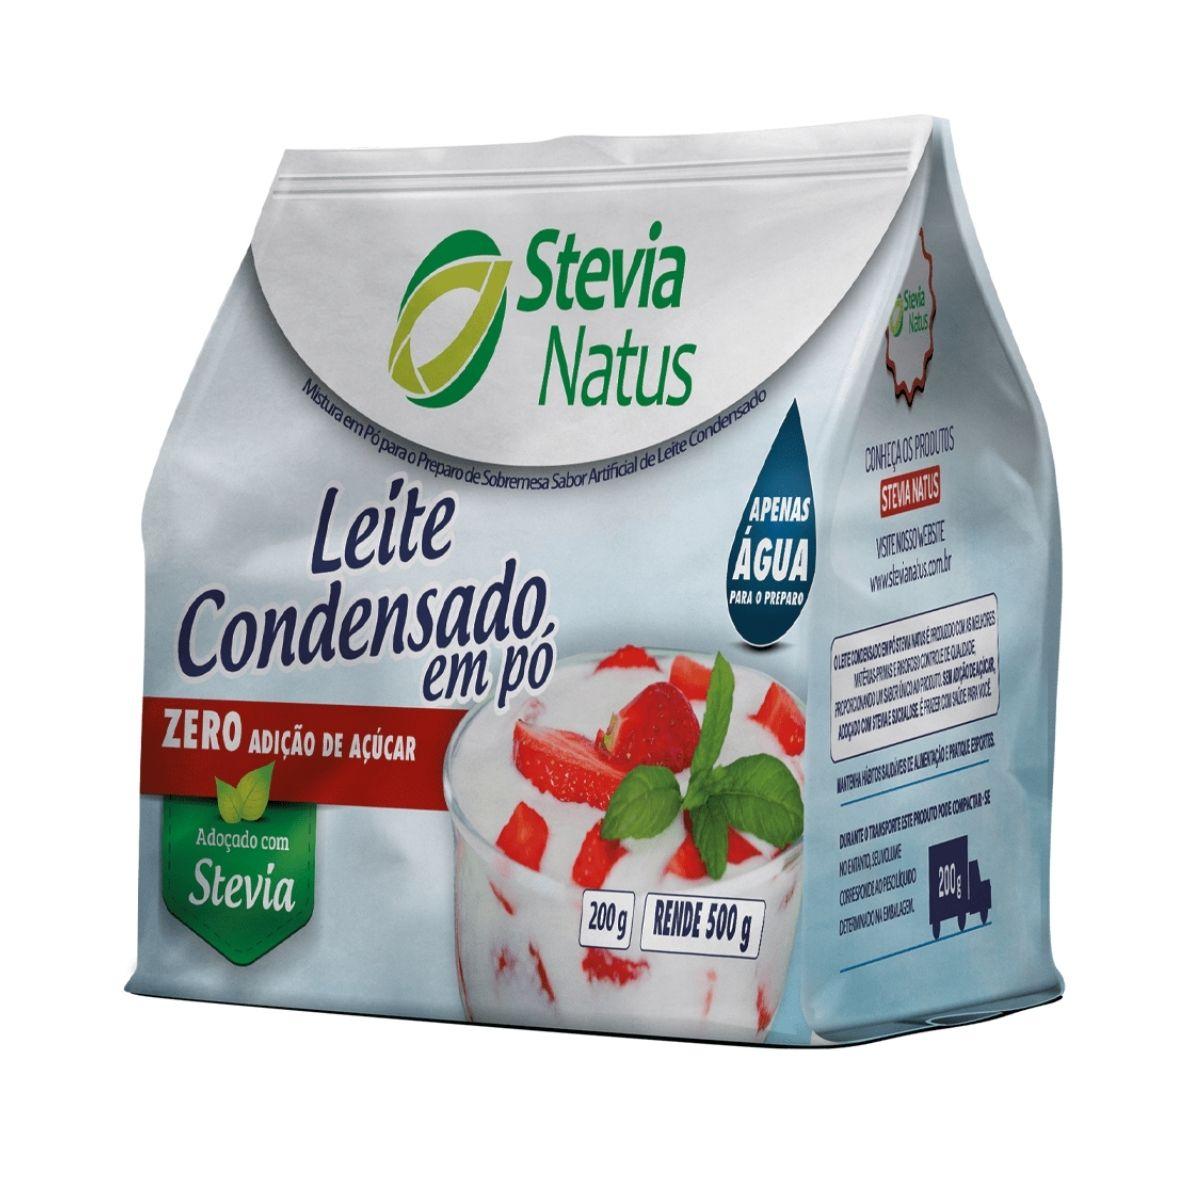 Leite condensado em pó 200g - Stevia Natus